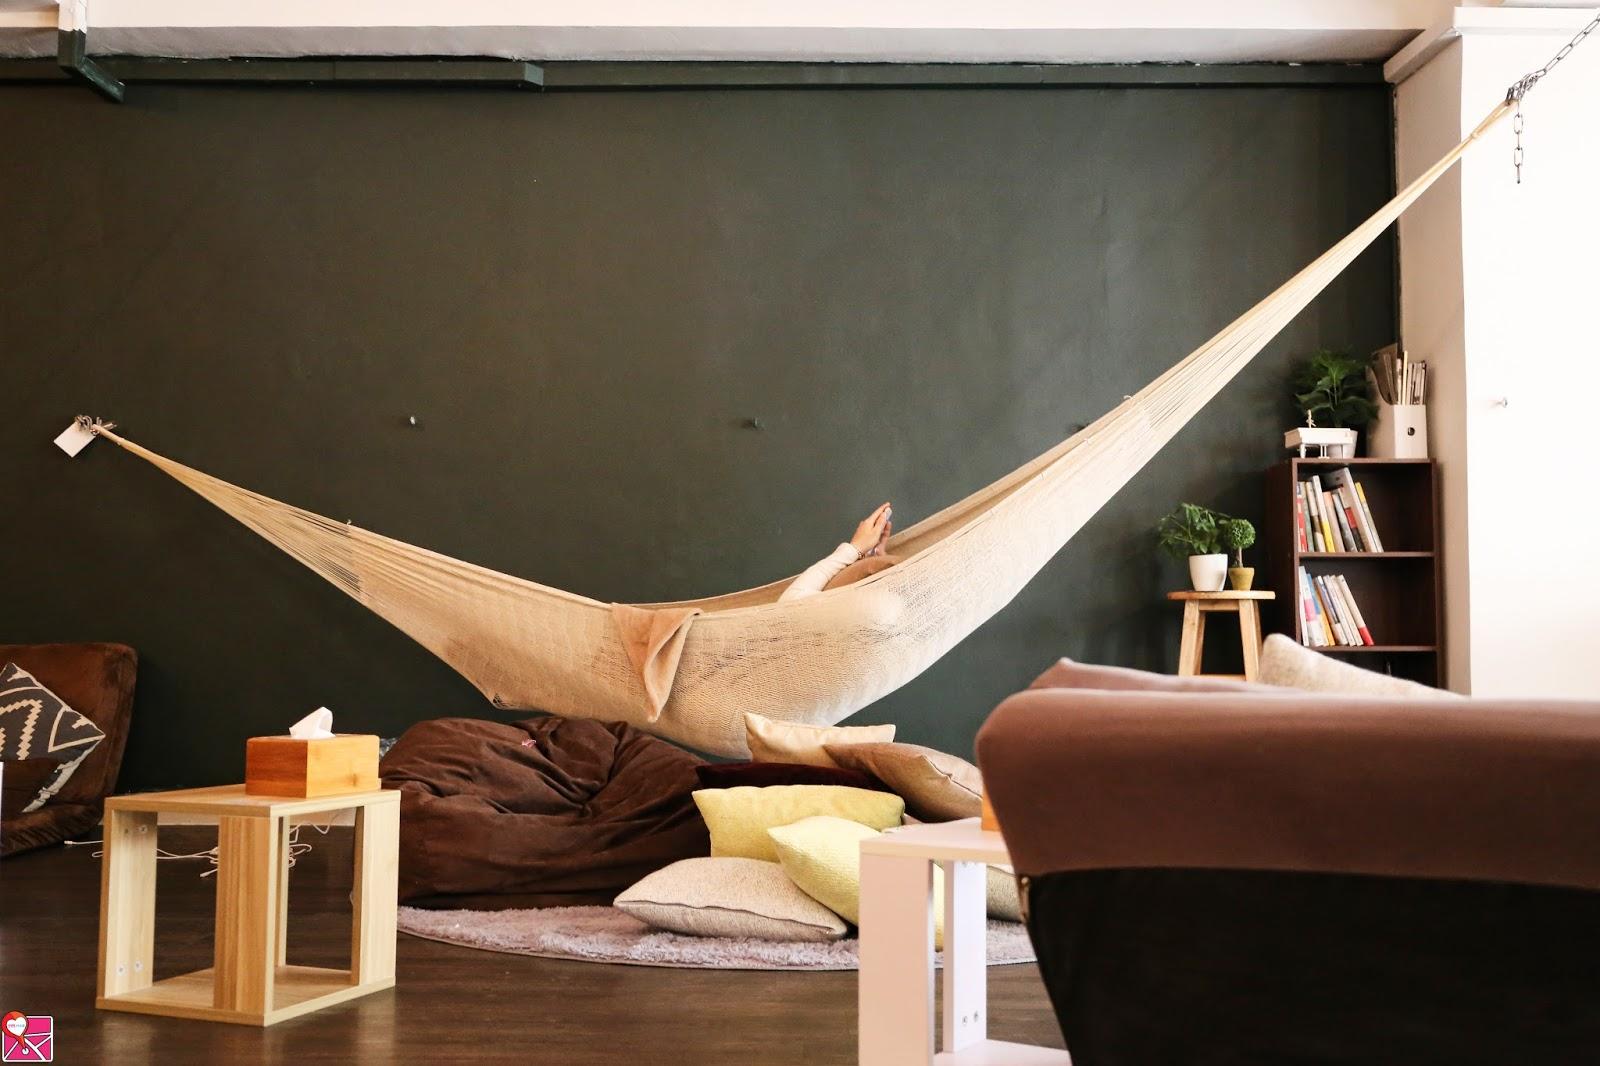 躺室 Chillazy - 搖在吊床上避世 | 拍拖好去處